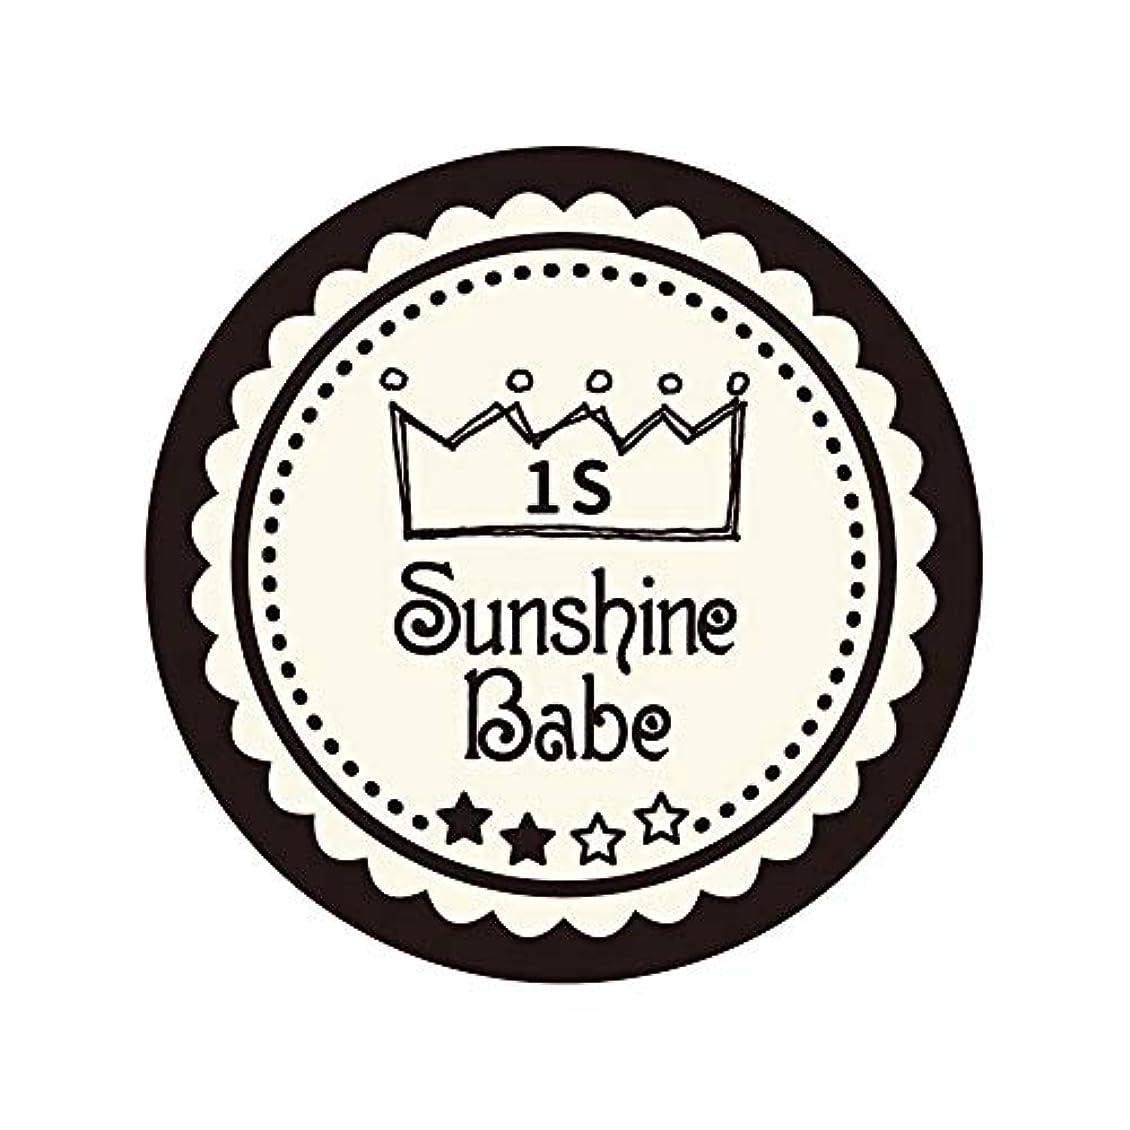 実験まっすぐ不平を言うSunshine Babe カラージェル 1S ココナッツミルク 2.7g UV/LED対応